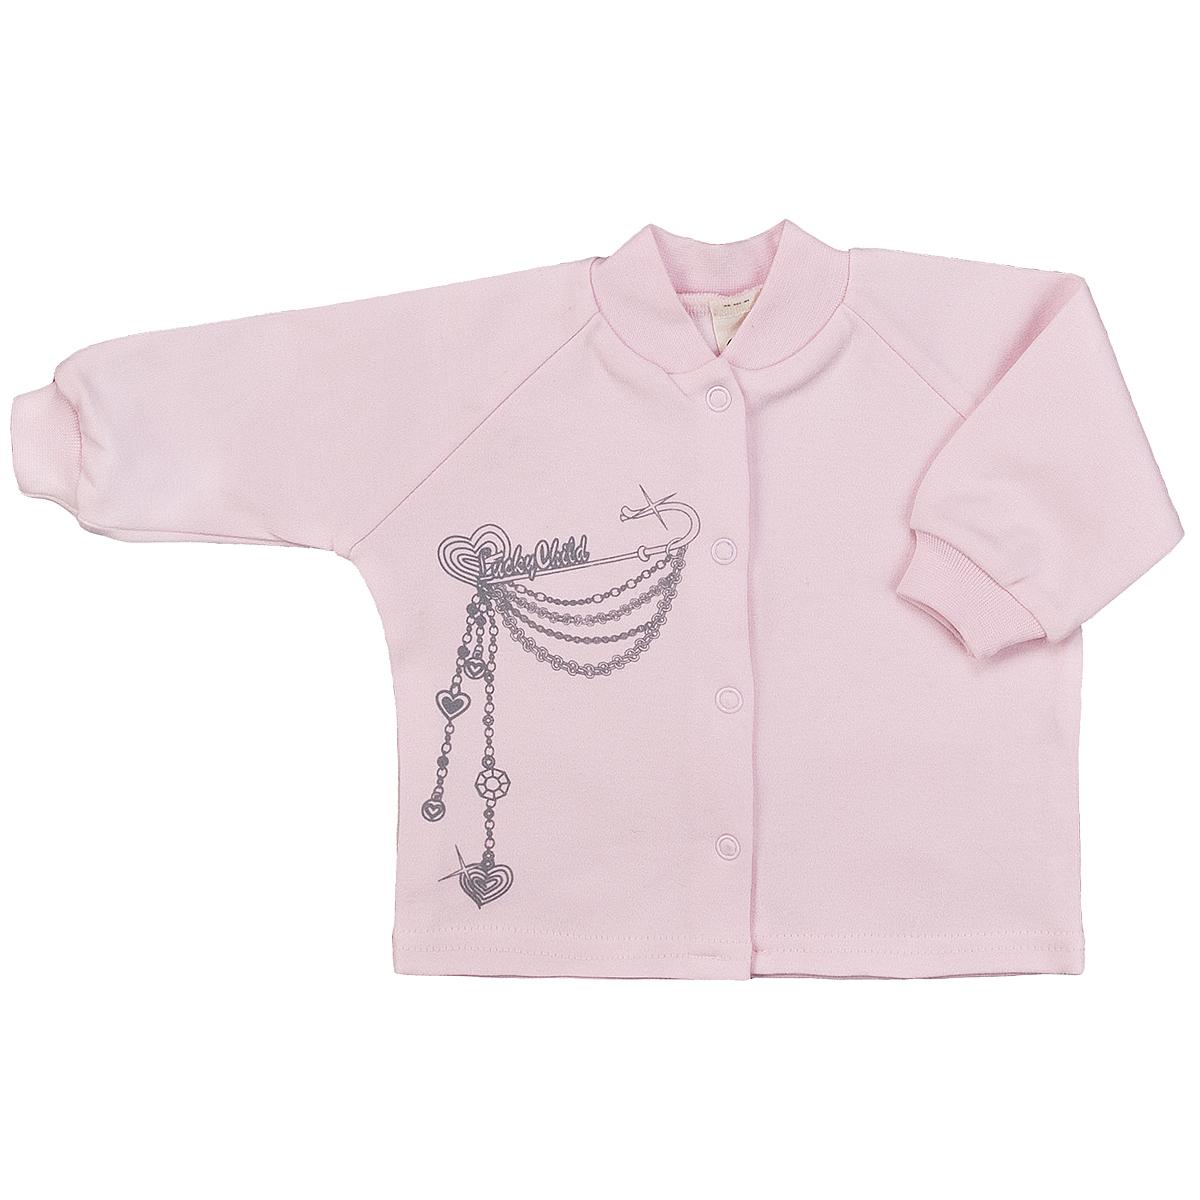 Кофточка для девочки Lucky Child, цвет: розовый. 2-12. Размер 62/682-12Кофточка для новорожденной девочки Lucky Child с длинными рукавами-реглан послужит идеальным дополнением к гардеробу вашей малышки, обеспечивая ей наибольший комфорт. Изготовленная из интерлока - натурального хлопка, она необычайно мягкая и легкая, не раздражает нежную кожу ребенка и хорошо вентилируется, а эластичные швы приятны телу малышки и не препятствуют ее движениям. Удобные застежки-кнопки по всей длине помогают легко переодеть младенца. Рукава понизу дополнены широкими трикотажными манжетами, не стягивающими запястья.Спереди модель оформлена оригинальным принтом, имитирующим цепочки с украшениями. Кофточка полностью соответствует особенностям жизни ребенка в ранний период, не стесняя и не ограничивая его в движениях. В ней ваша малышка всегда будет в центре внимания.